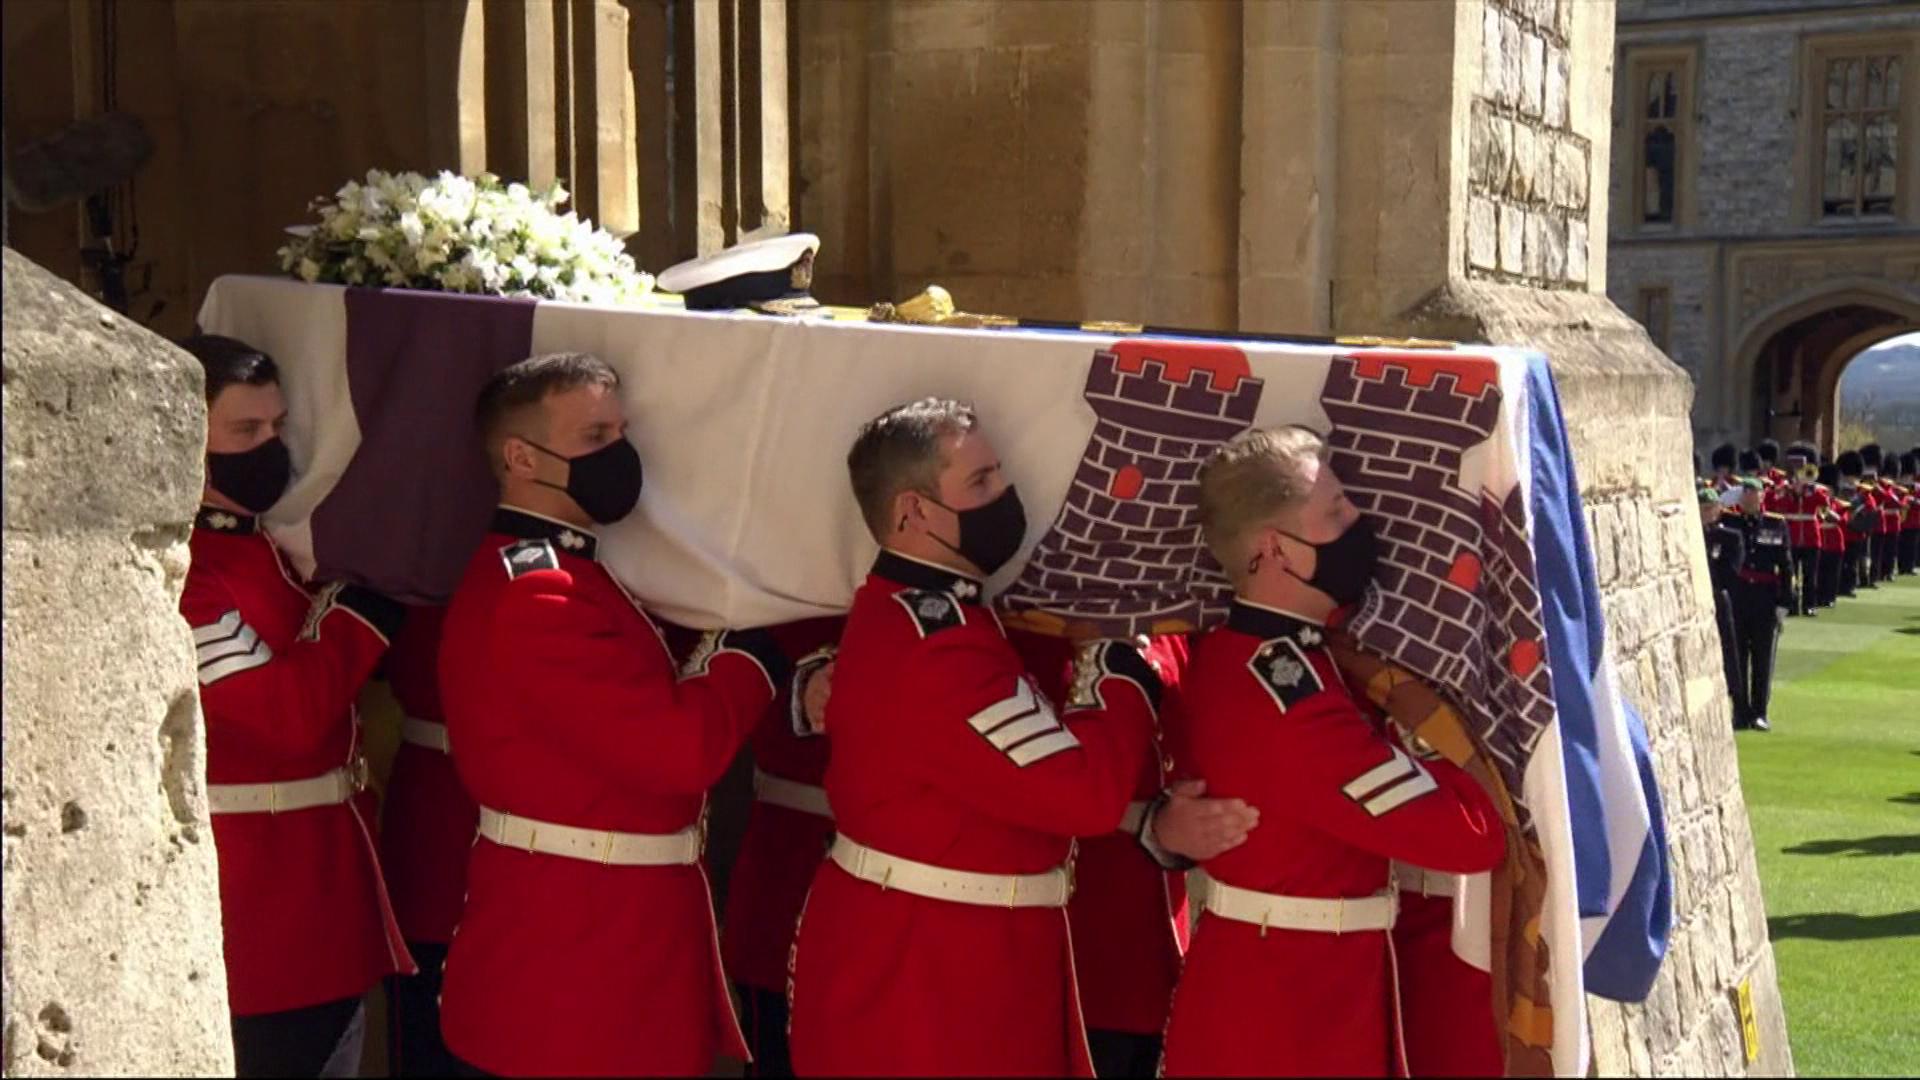 王室送菲立普親王 軍事色彩紀念「功勳老兵」